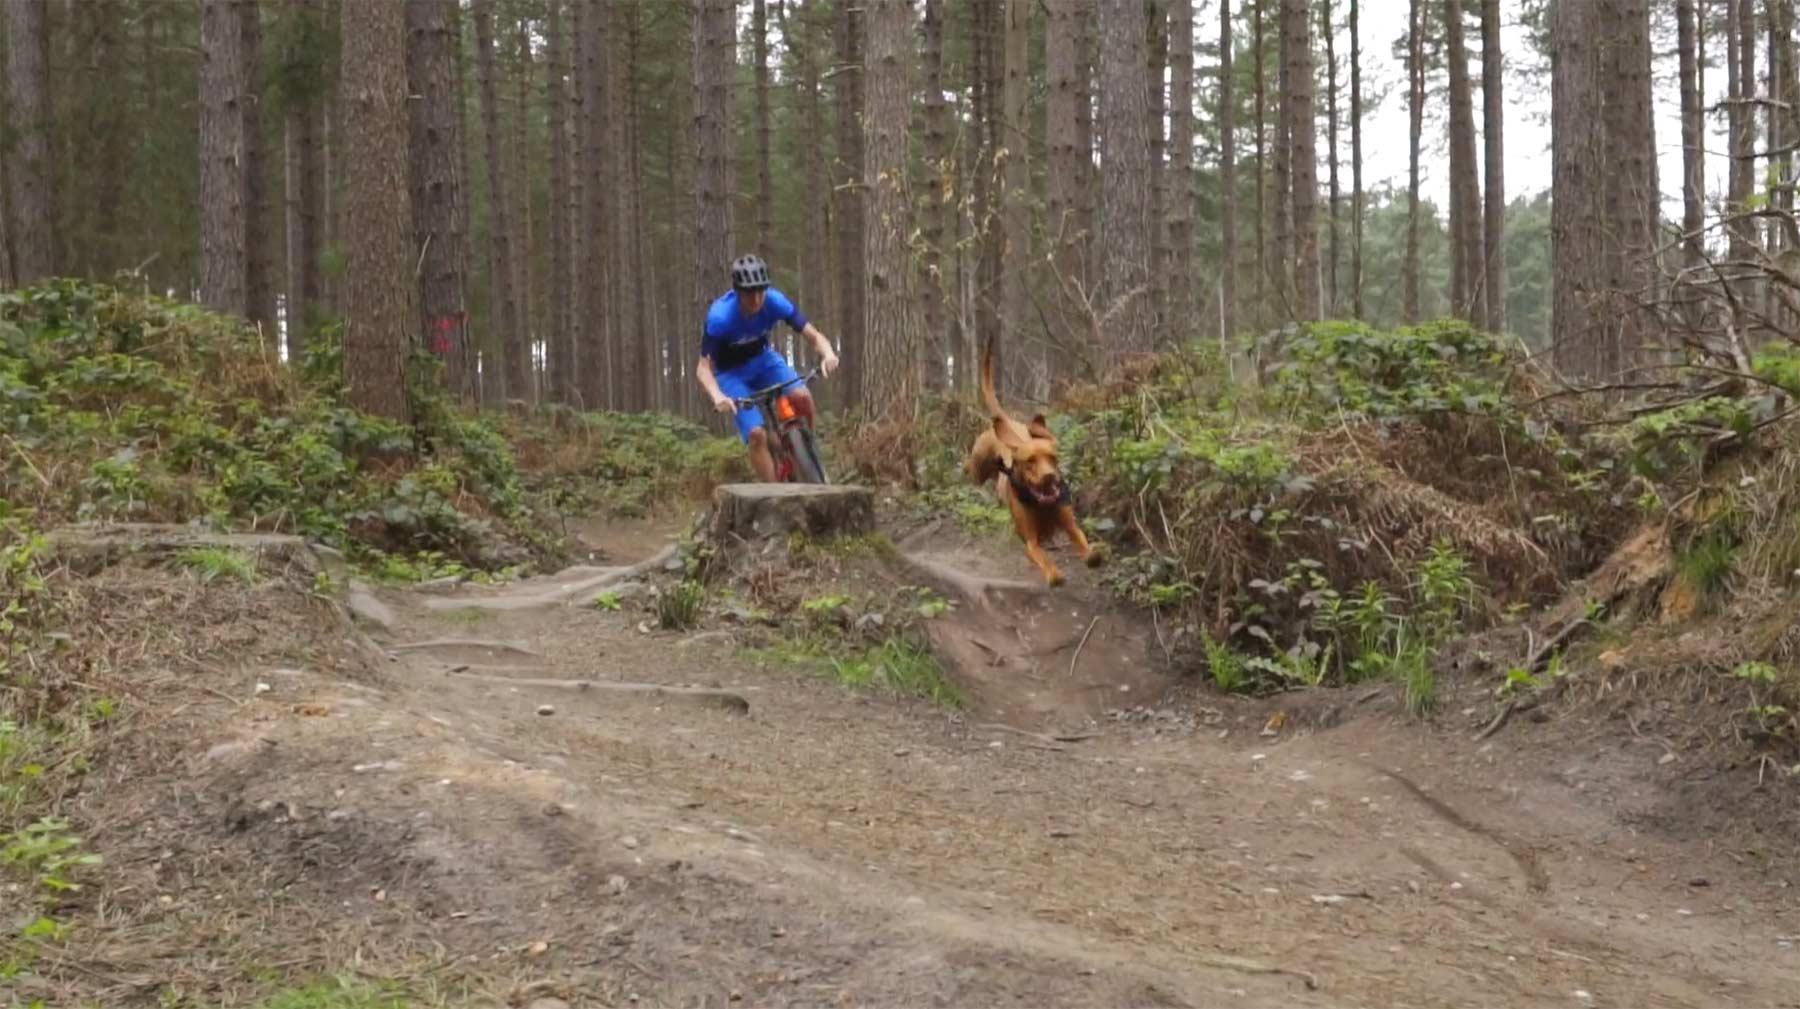 Mit dem Hund die Mountainbike-Strecke abrasen